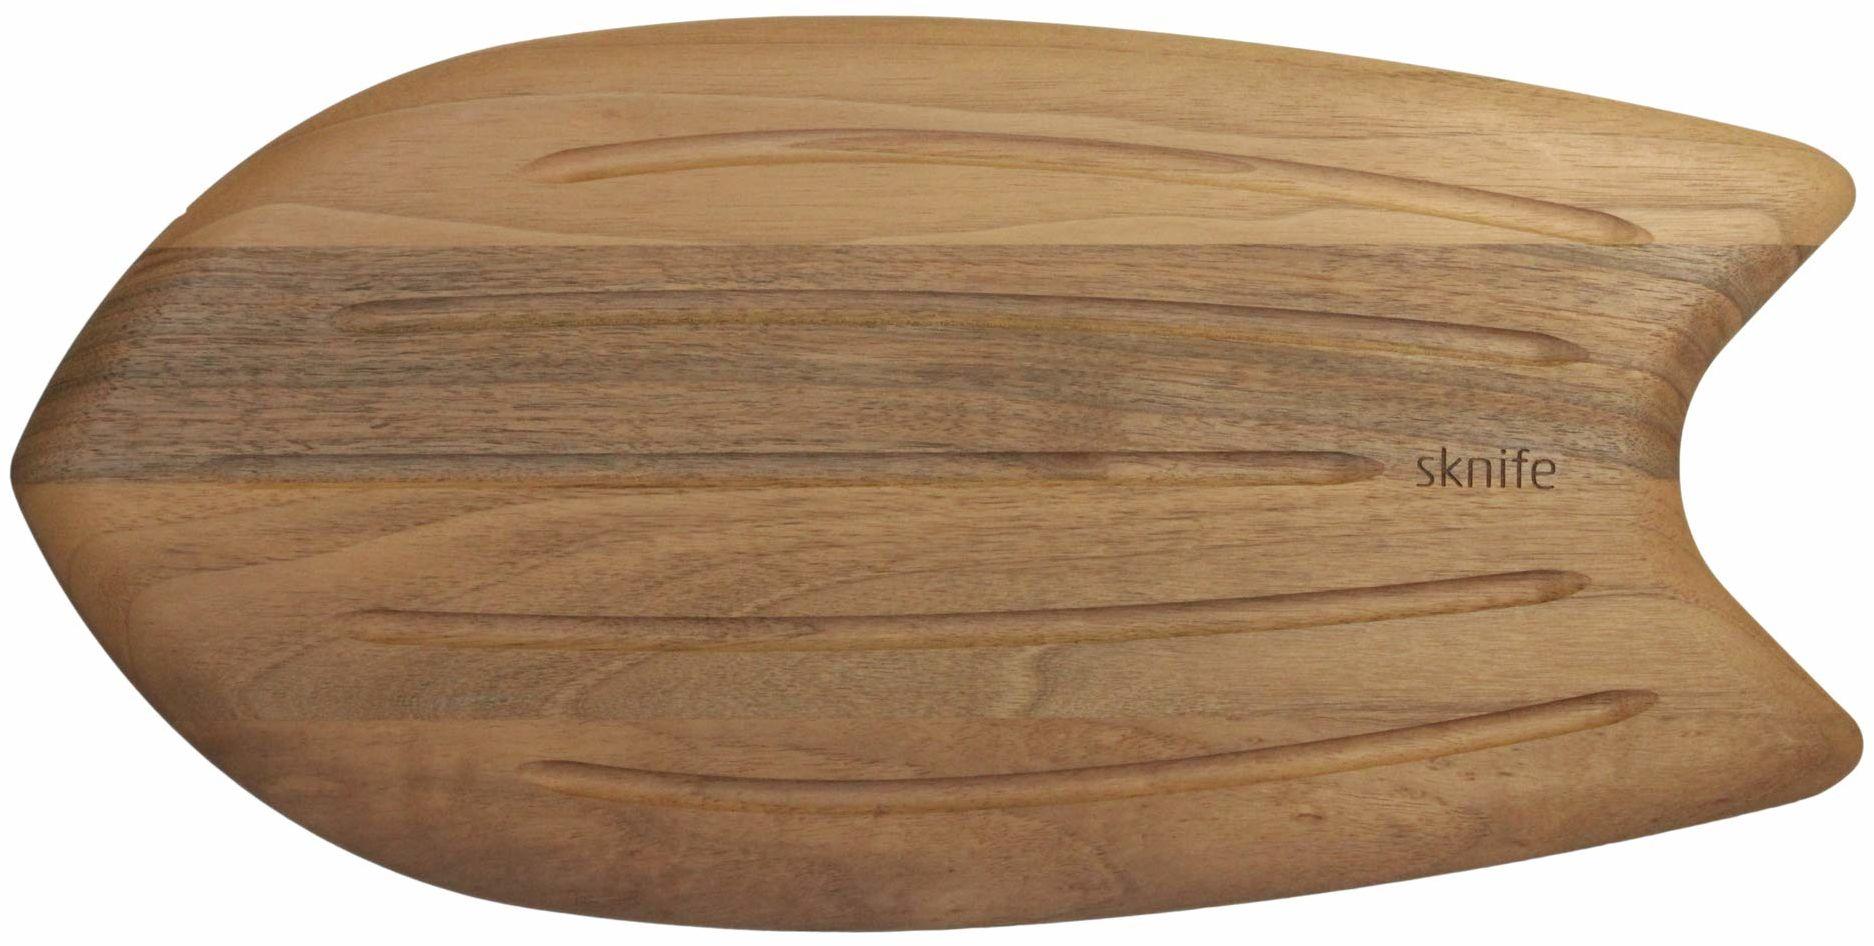 Sknife SKT48WB Surf deska do krojenia z orzecha włoskiego do ławki, drewna